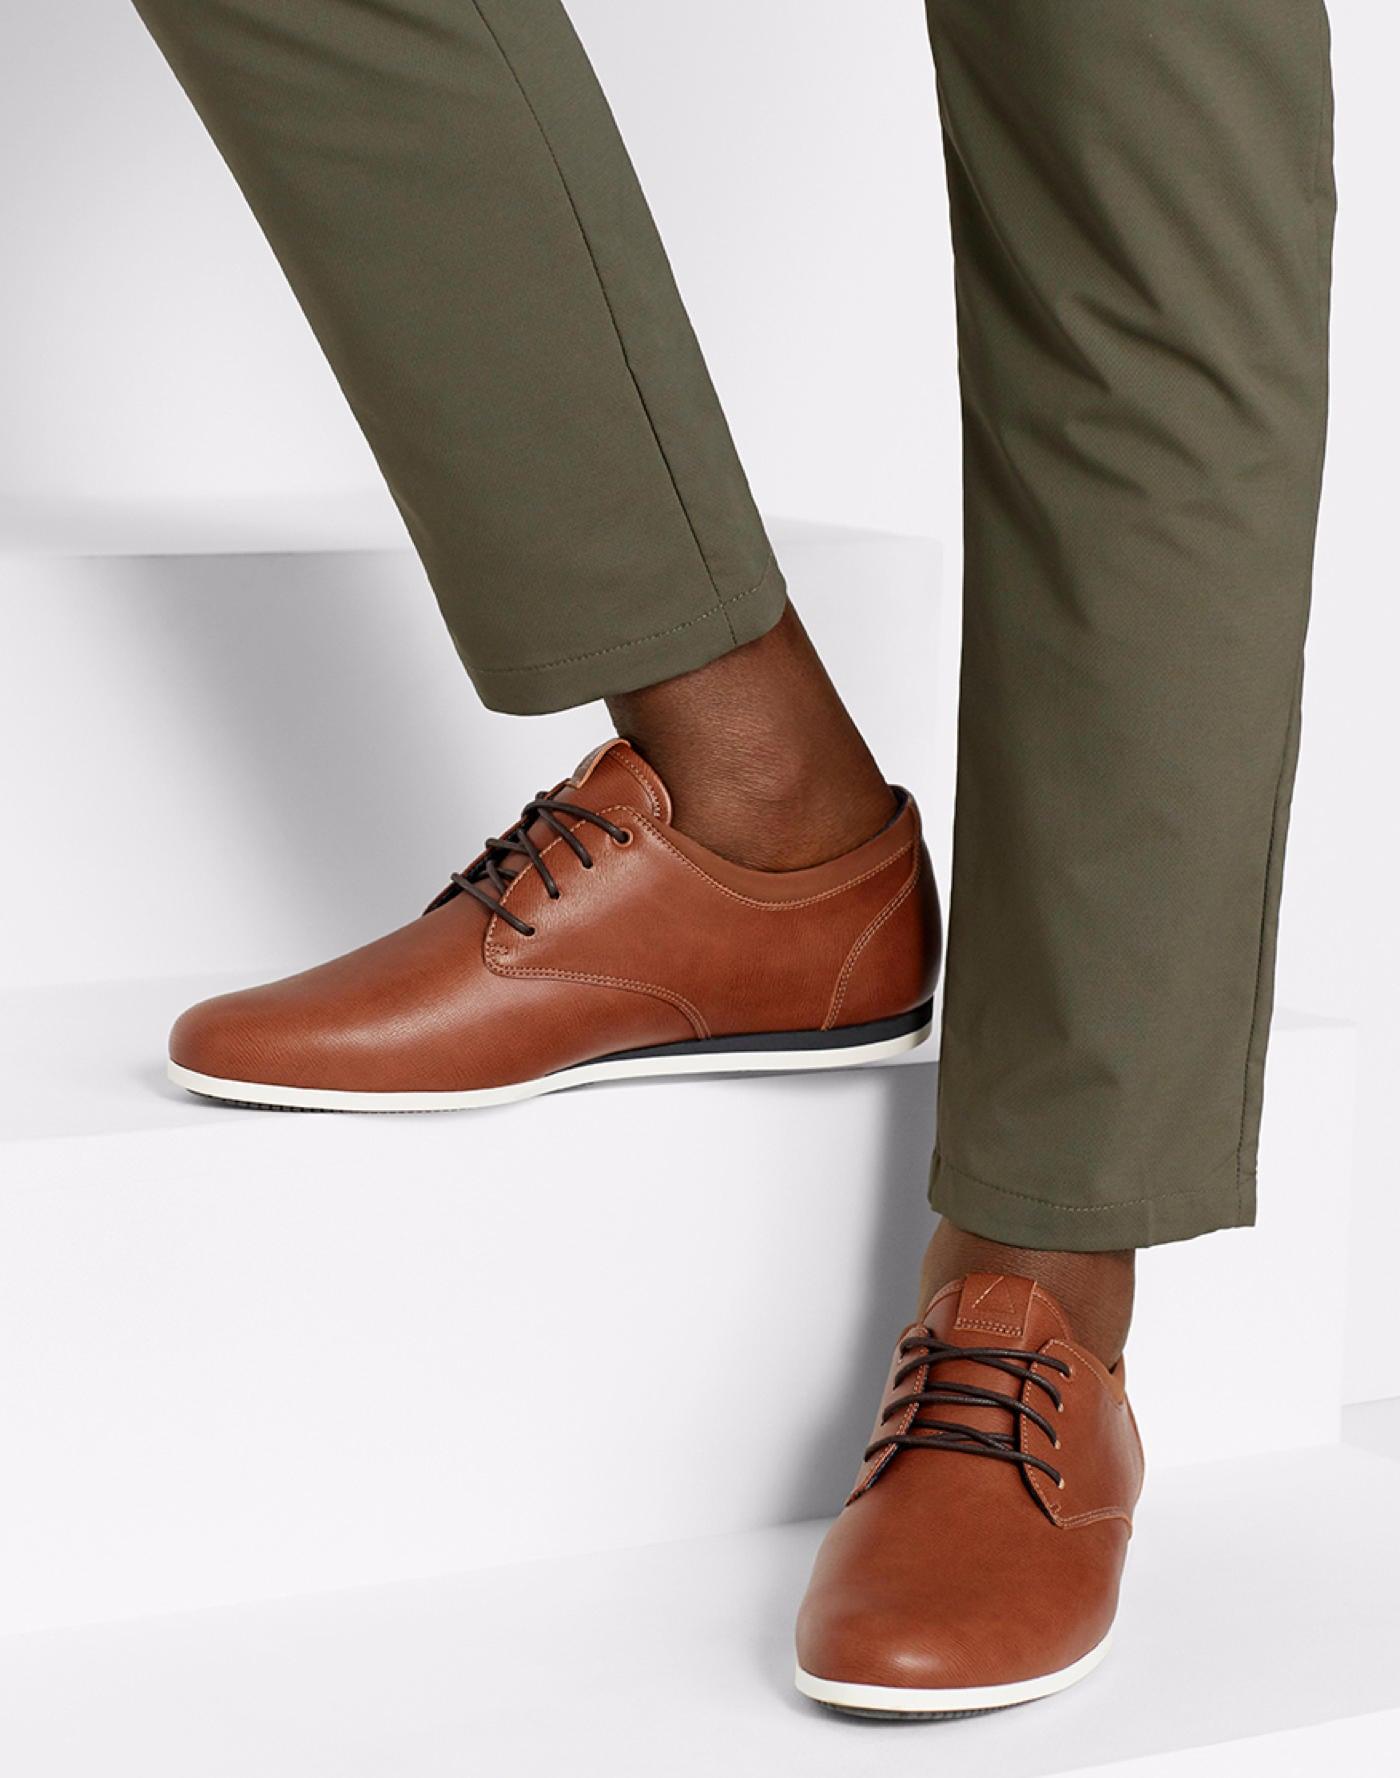 aldo shoes accessories